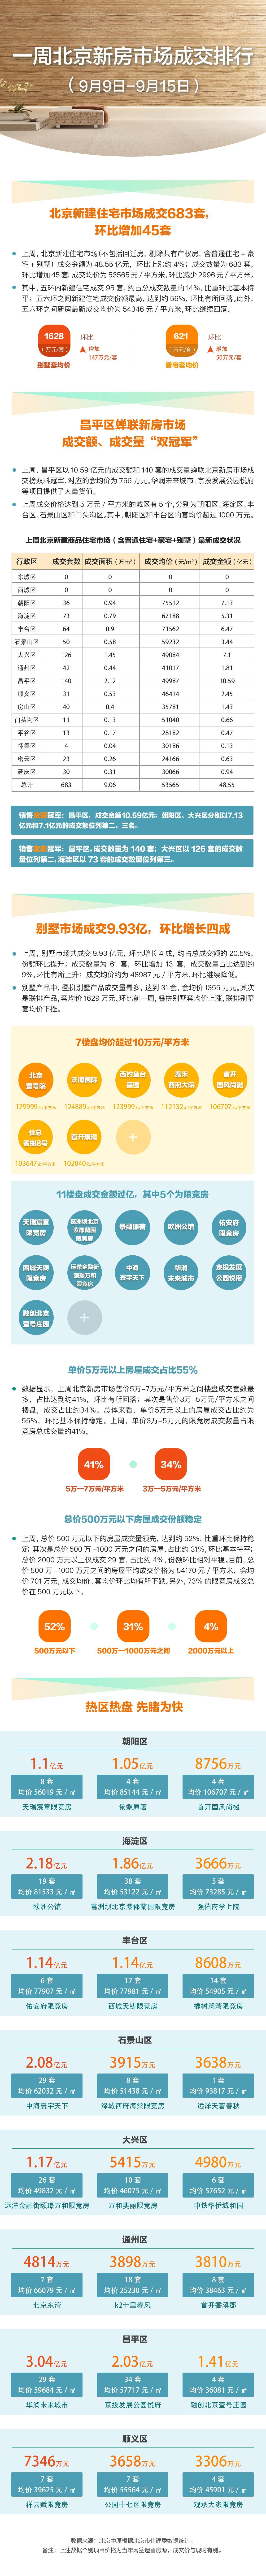 上周北京新建住宅市场成交回升 11个楼盘成交额过亿